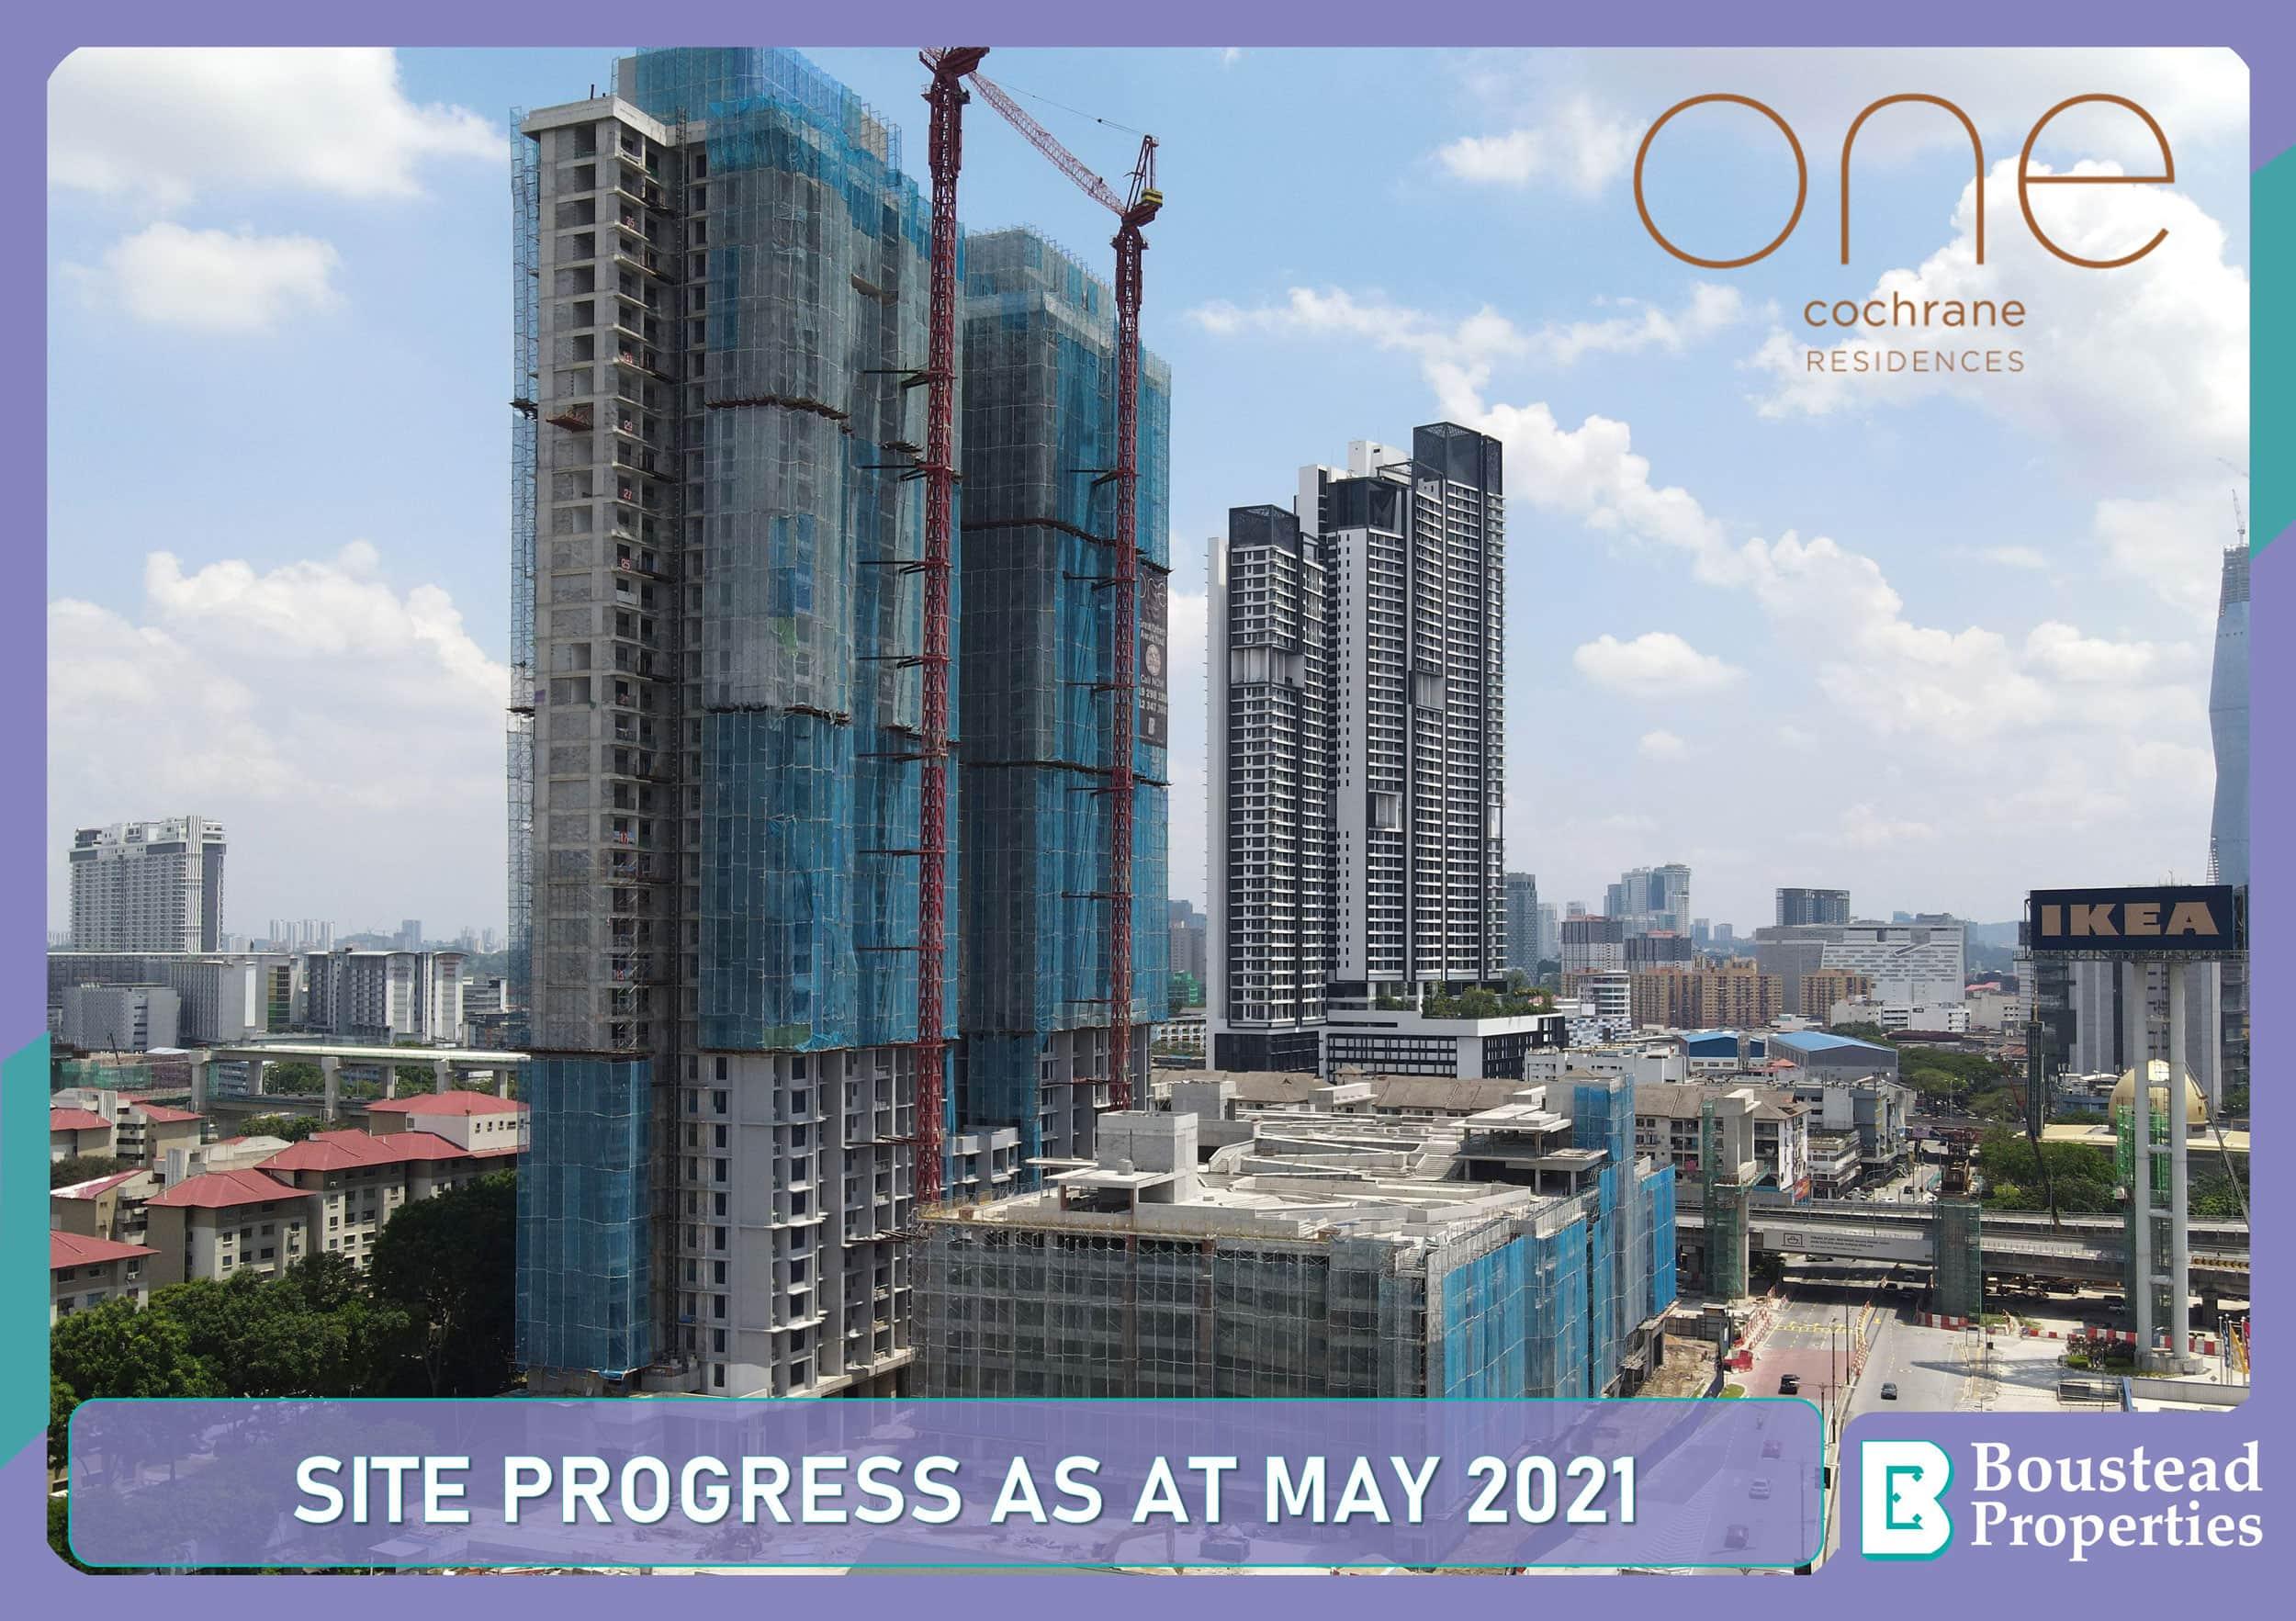 Site Progress As At May 2021